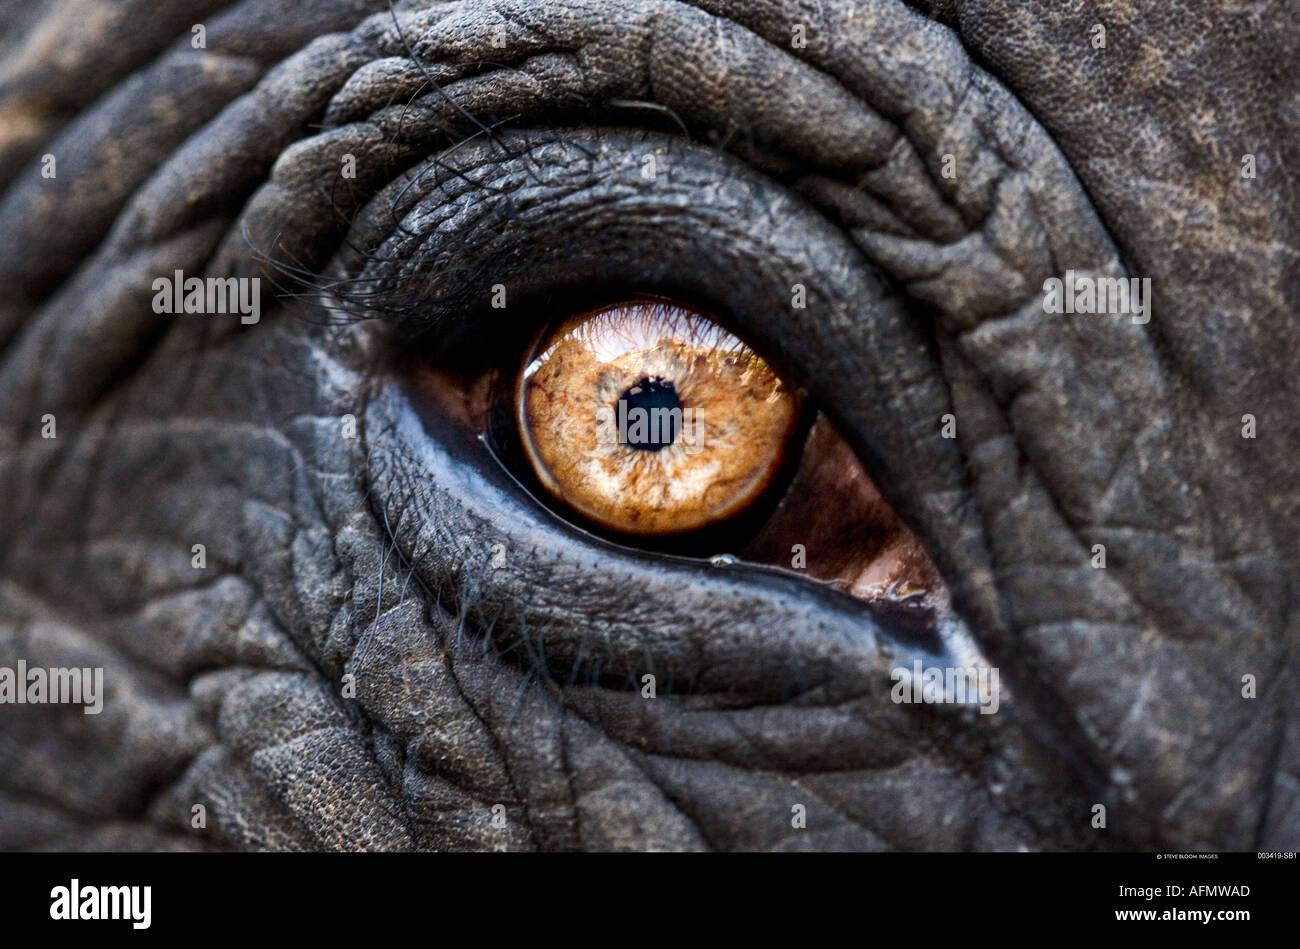 Nahaufnahme des Auges eines indischen Elefanten Jaipur Indien Stockbild